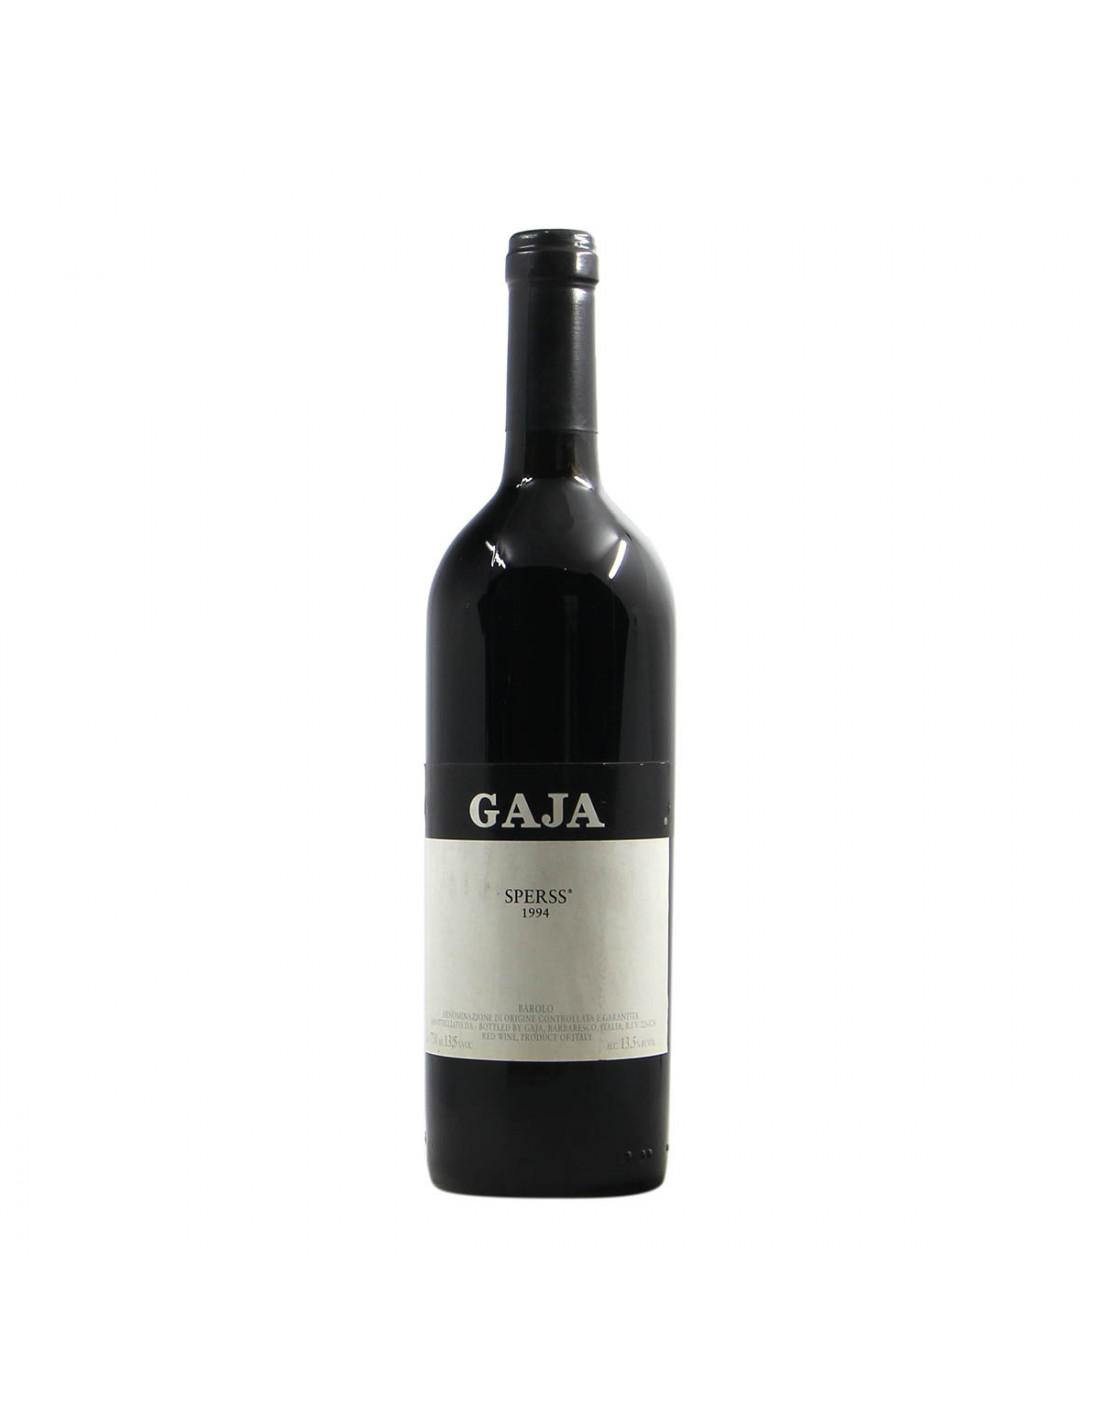 Gaja Sperss 1994 Grandi Bottiglie